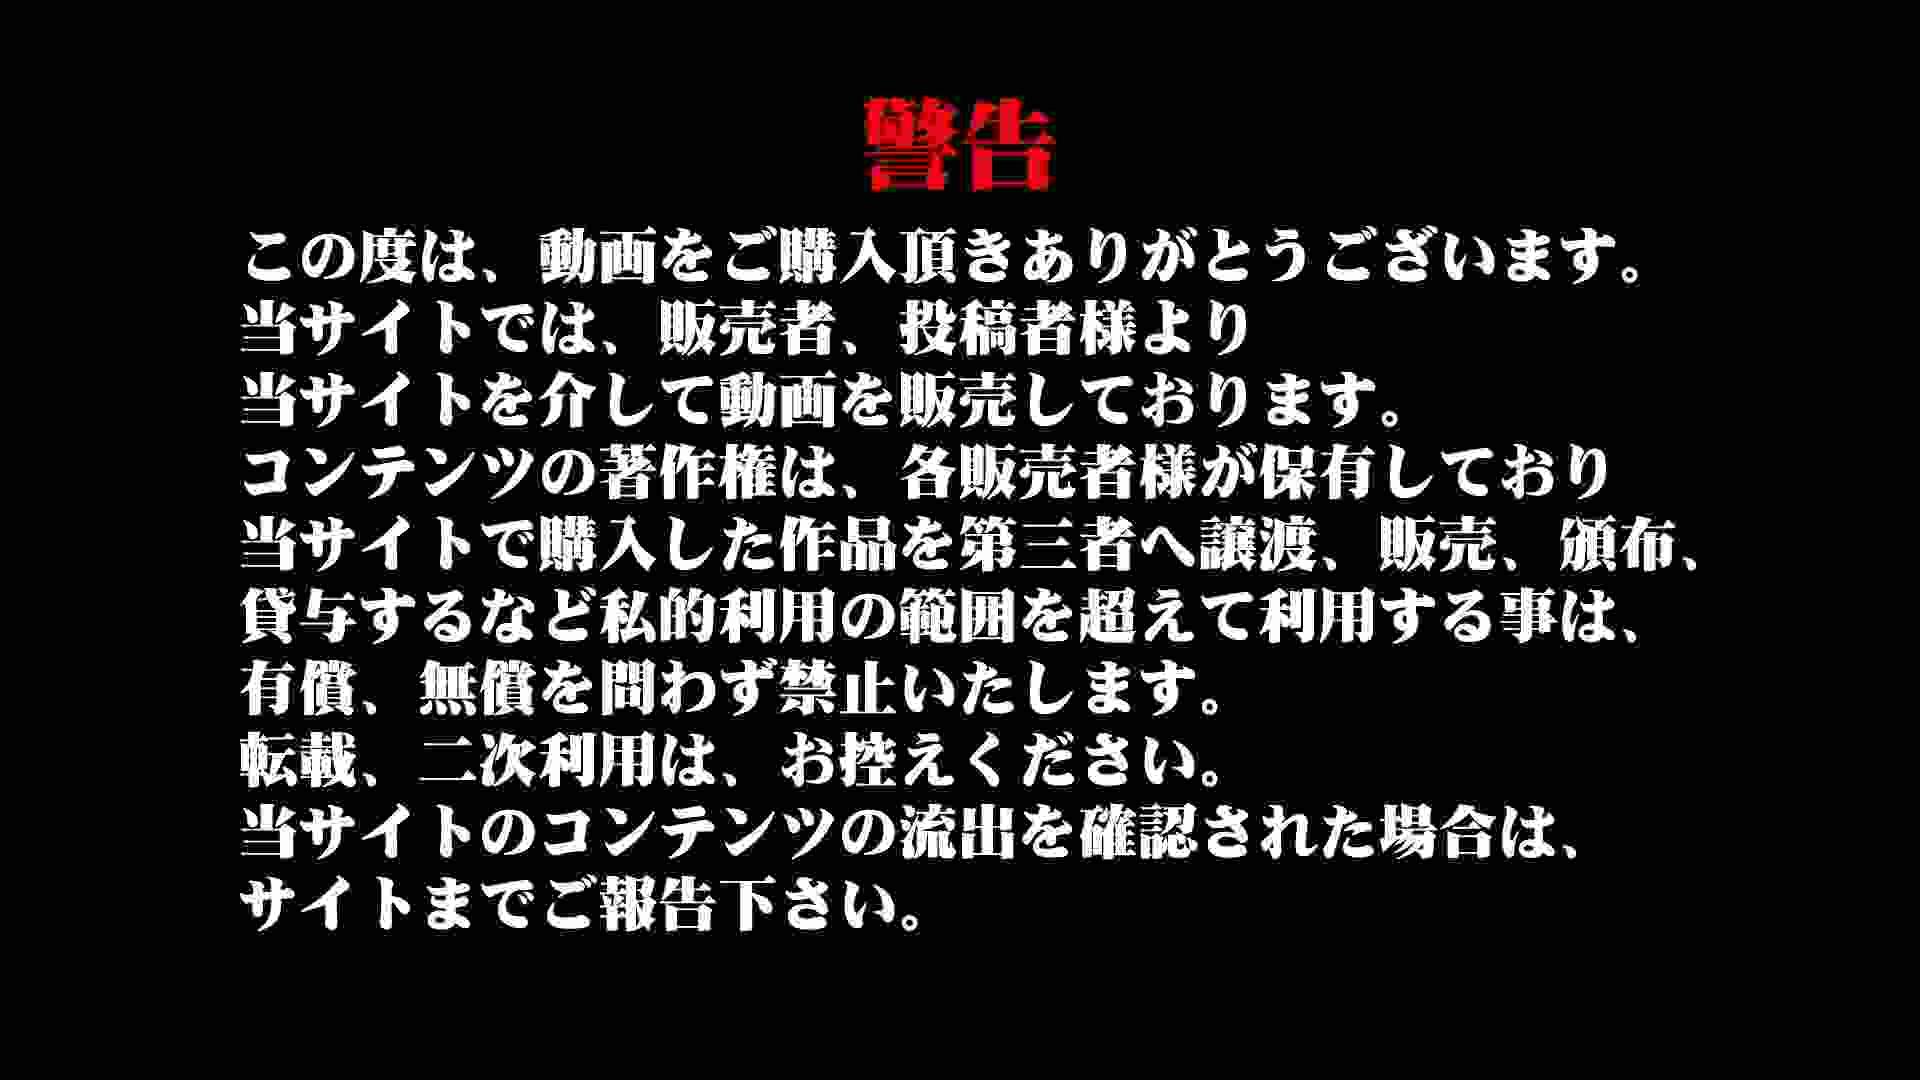 Aquaな露天風呂Vol.924 盗撮シリーズ  108PIX 6